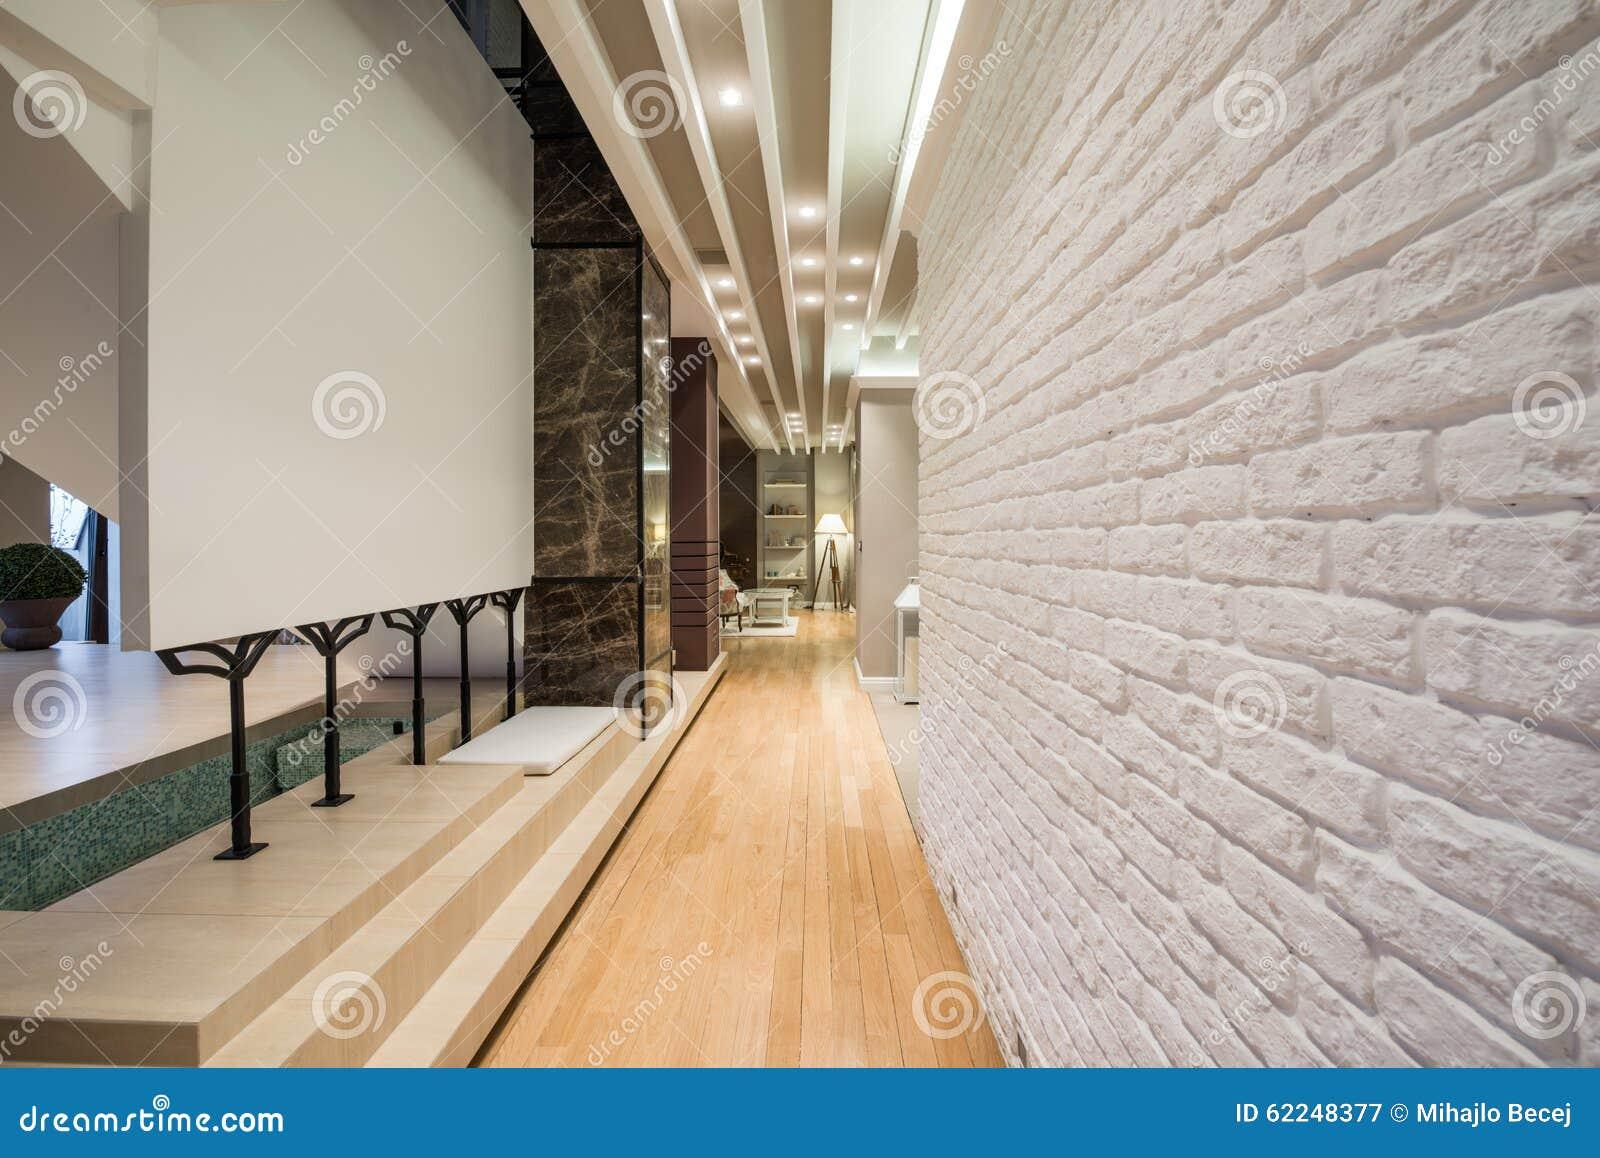 Illuminazione Di Un Corridoio : Interno di un corridoio lungo con il muro di mattoni bianco